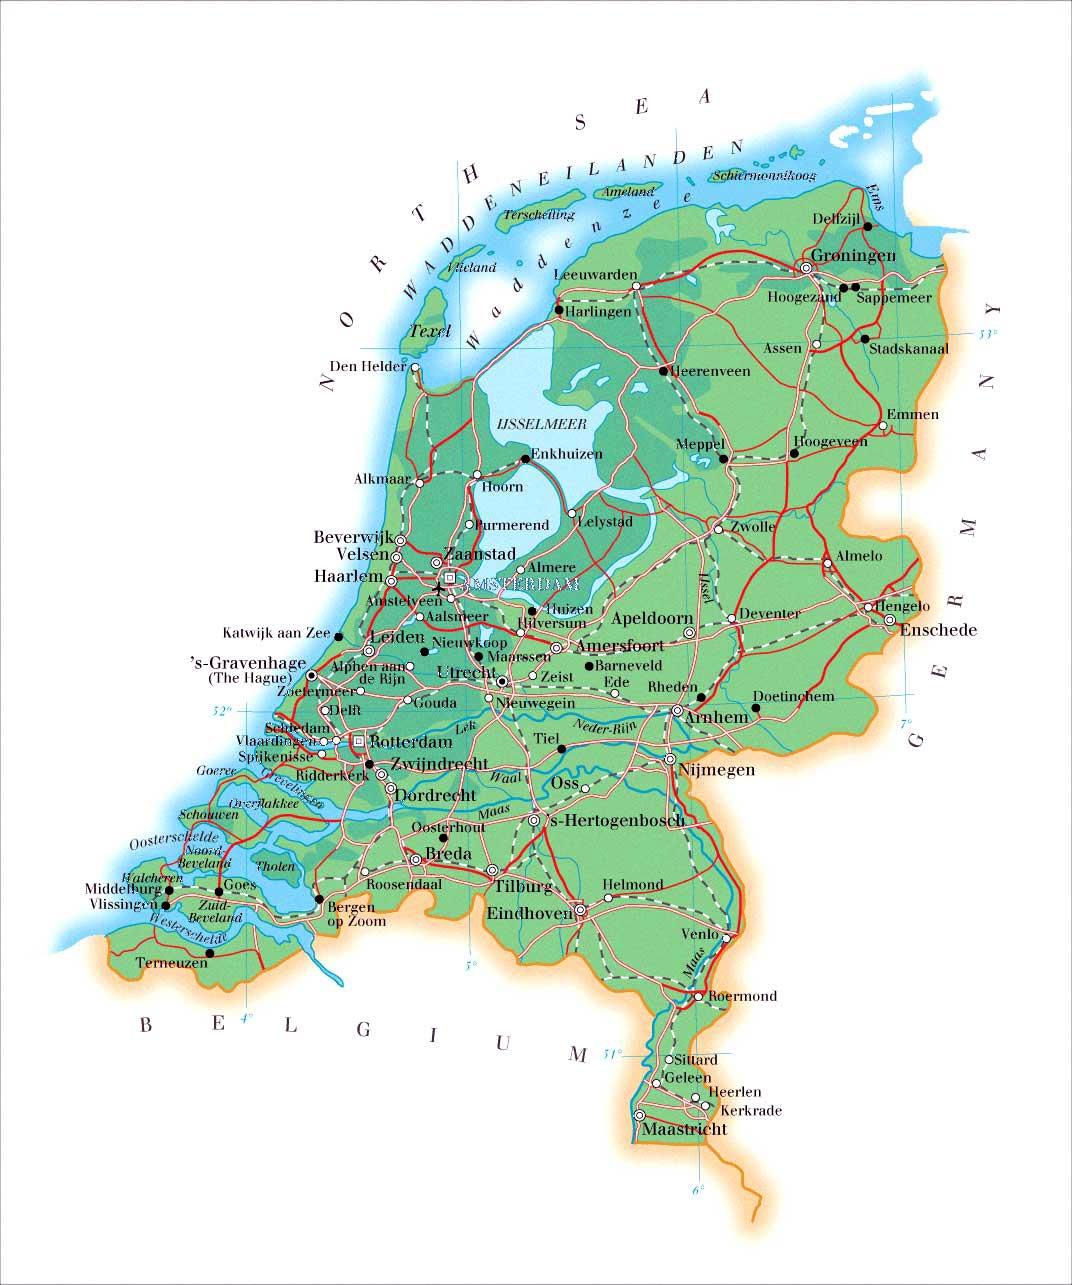 Kaart Van Nederland In Hoge Resolutie Voor Download Nederland Kaart